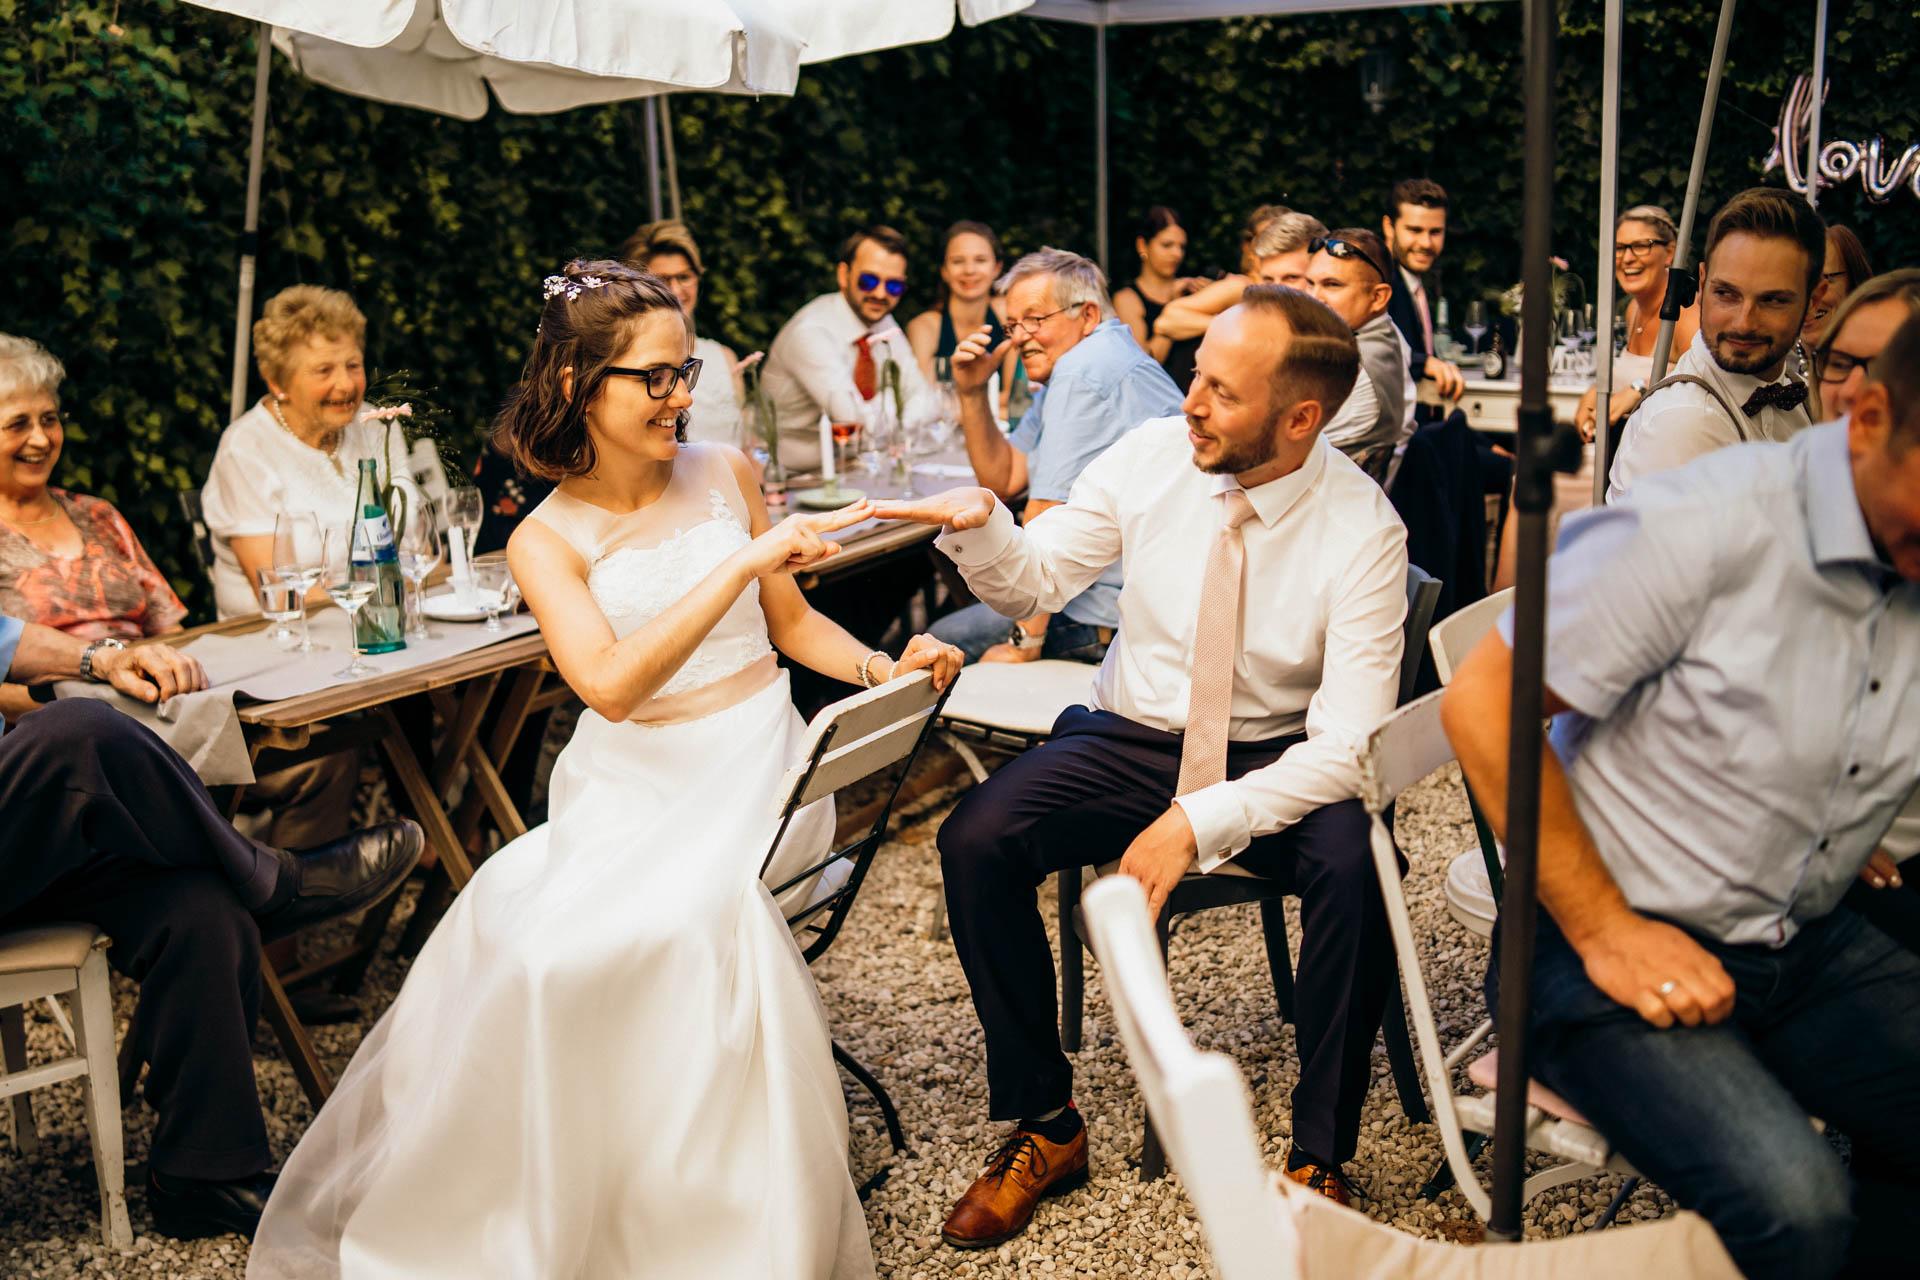 Hochzeit trocken & lieblich weinbar Gießen